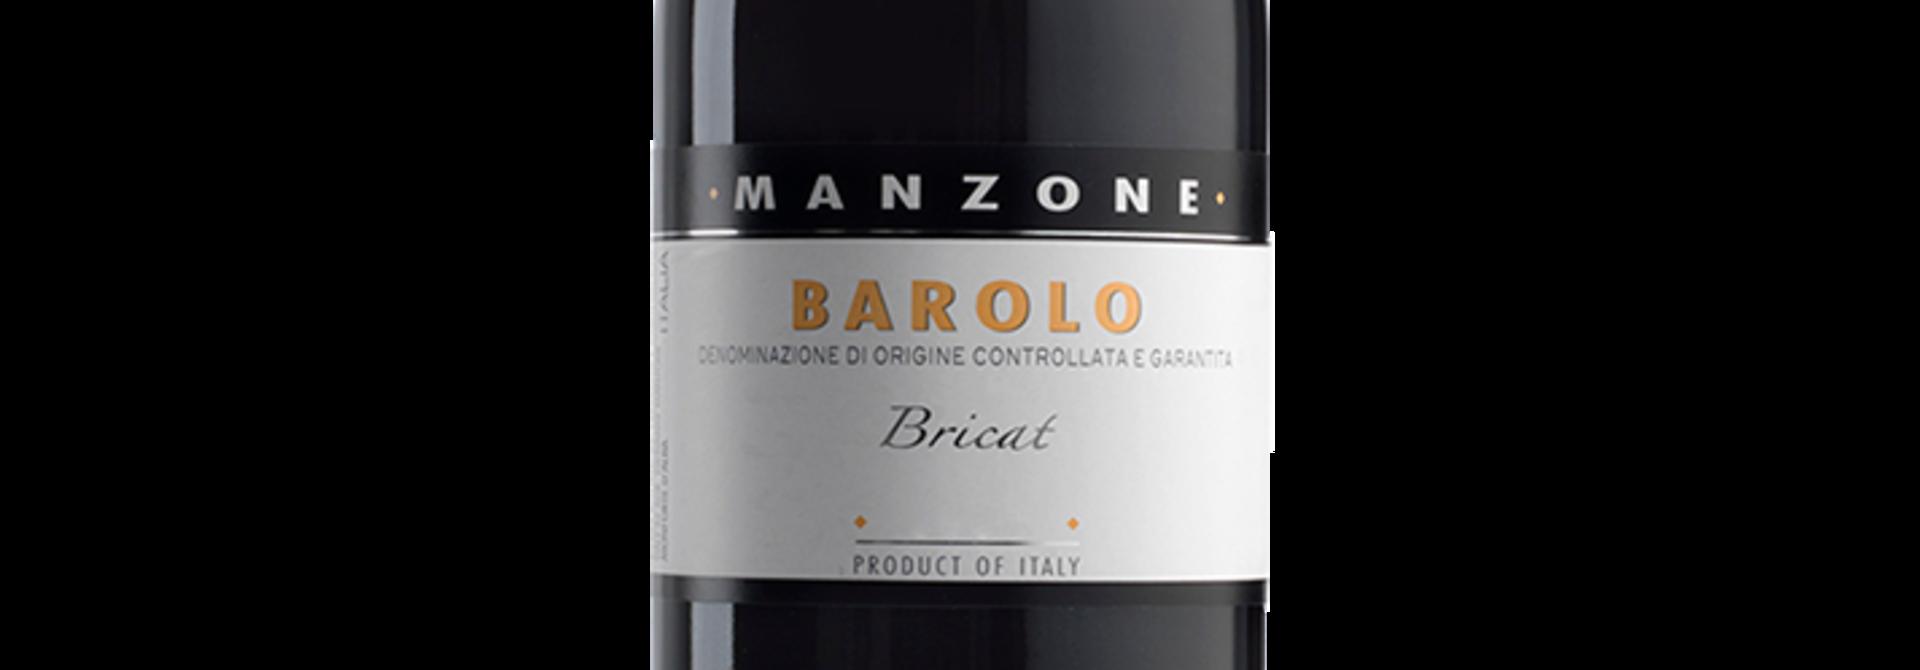 Barolo Bricat 2015, Giovanni Manzone